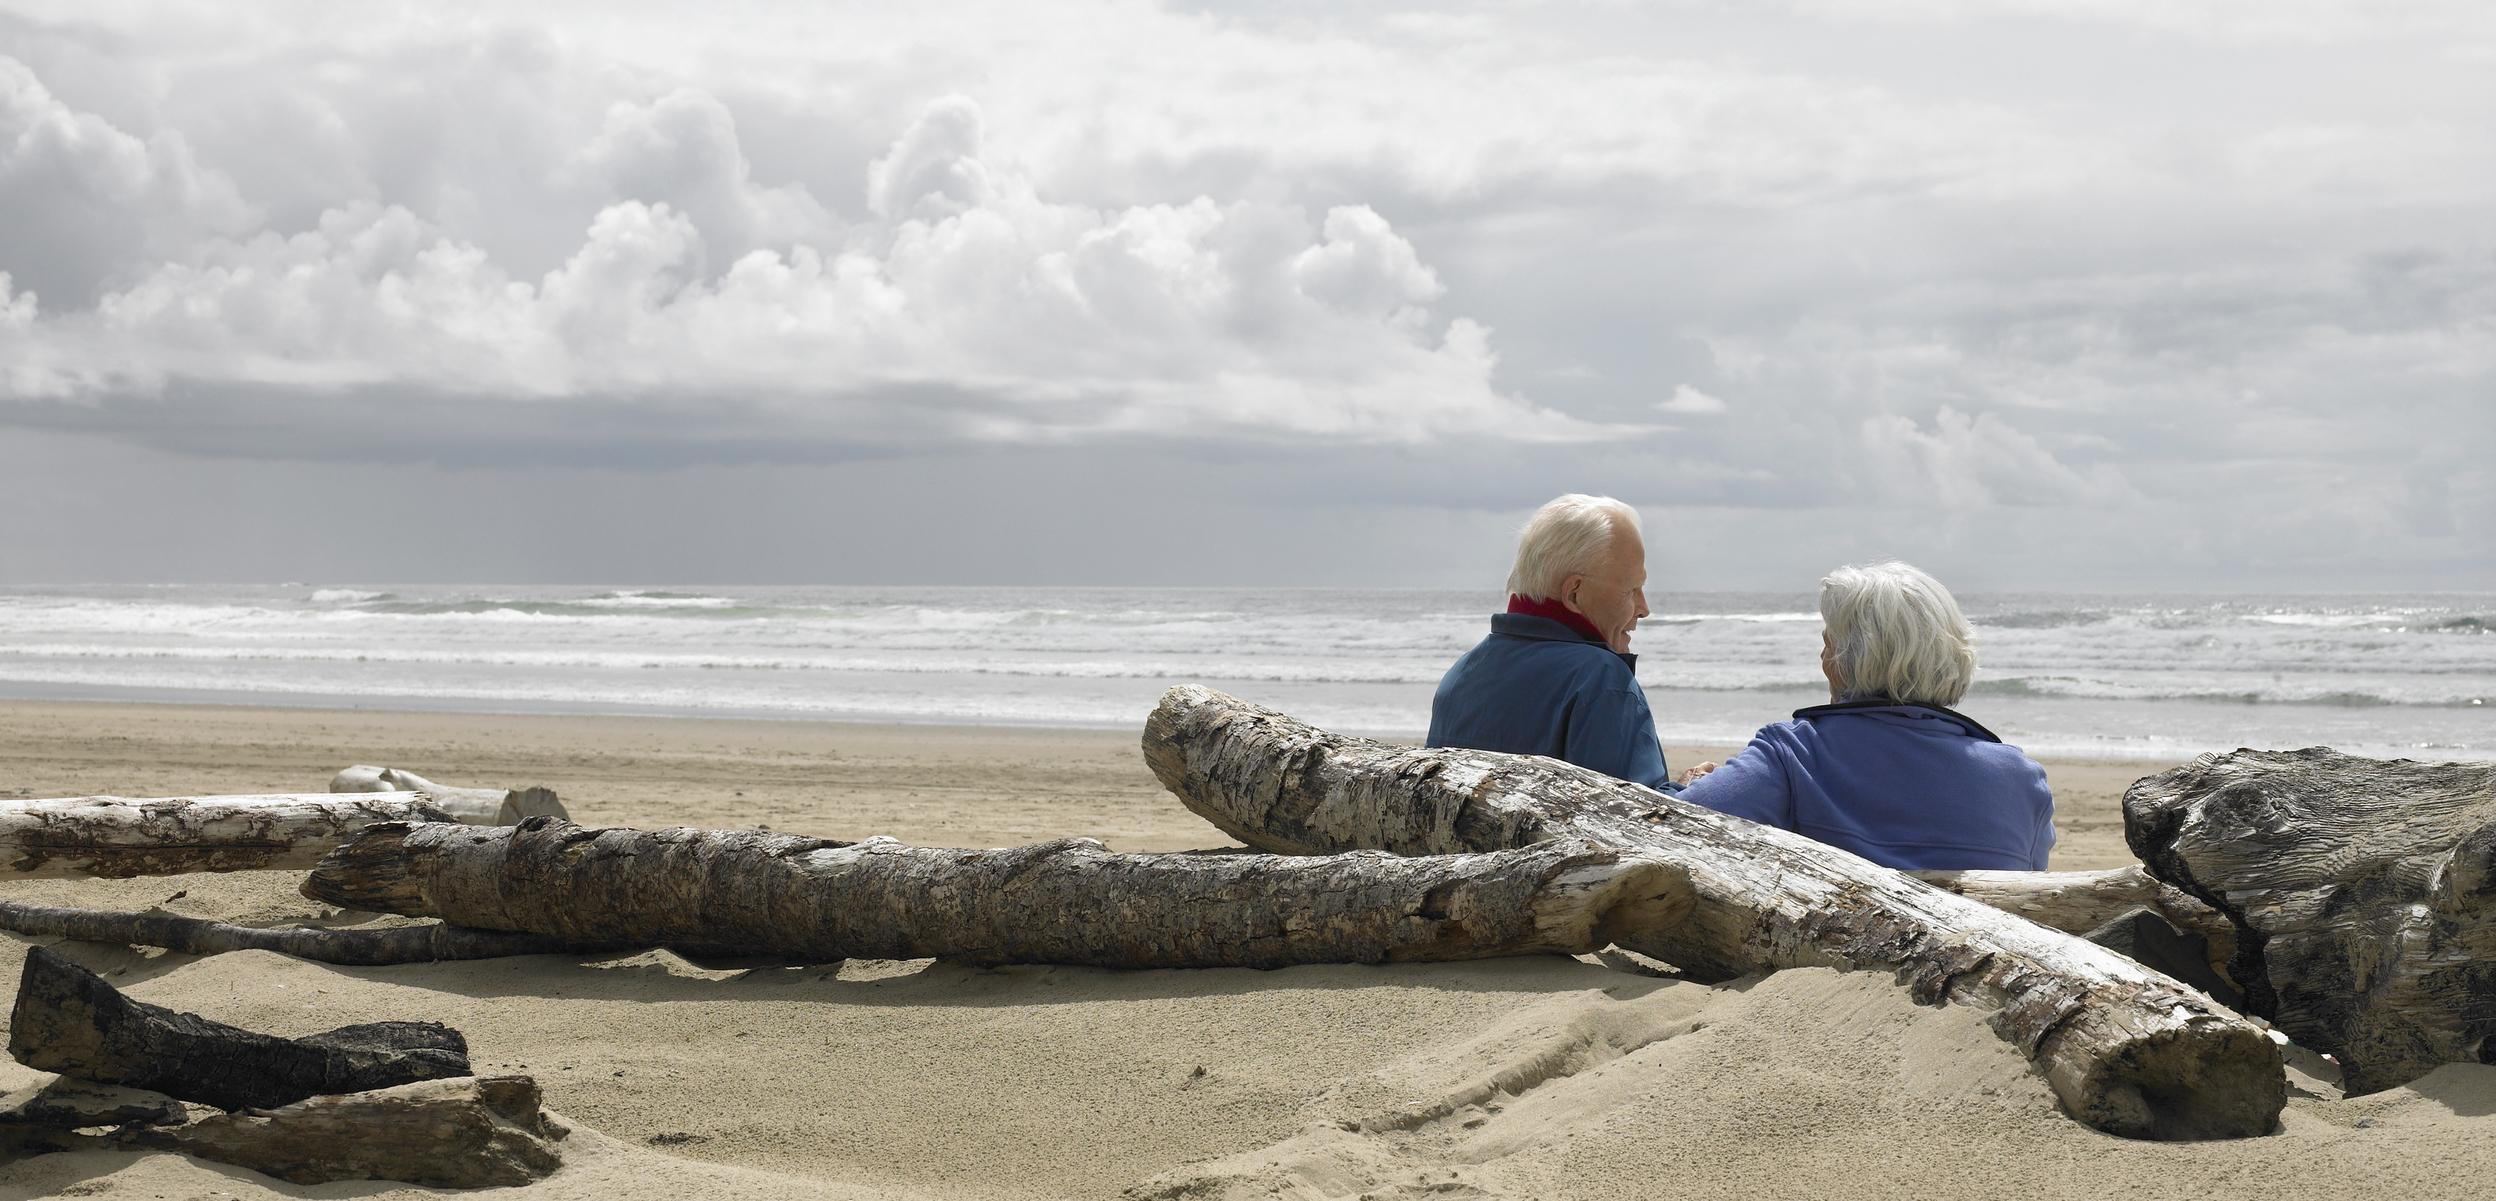 Retirees on a beach.